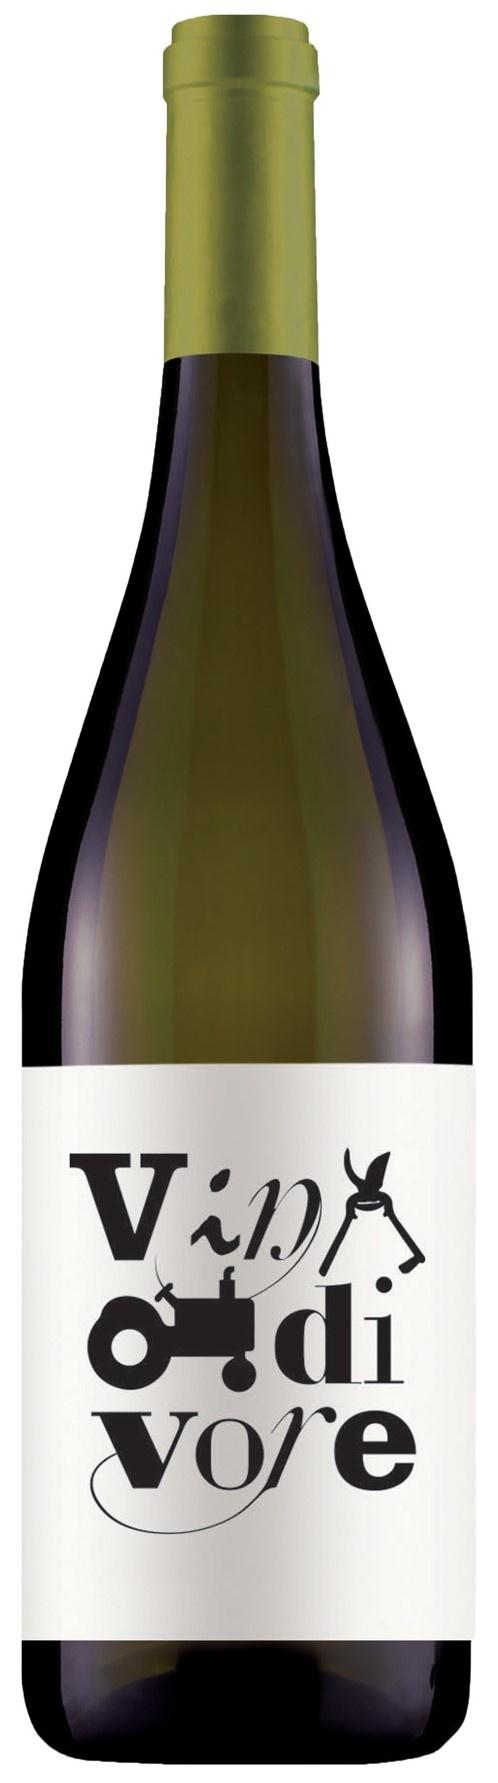 Ronco del Gelso Sauvignon Blanc, Vin di Vore 2019-1